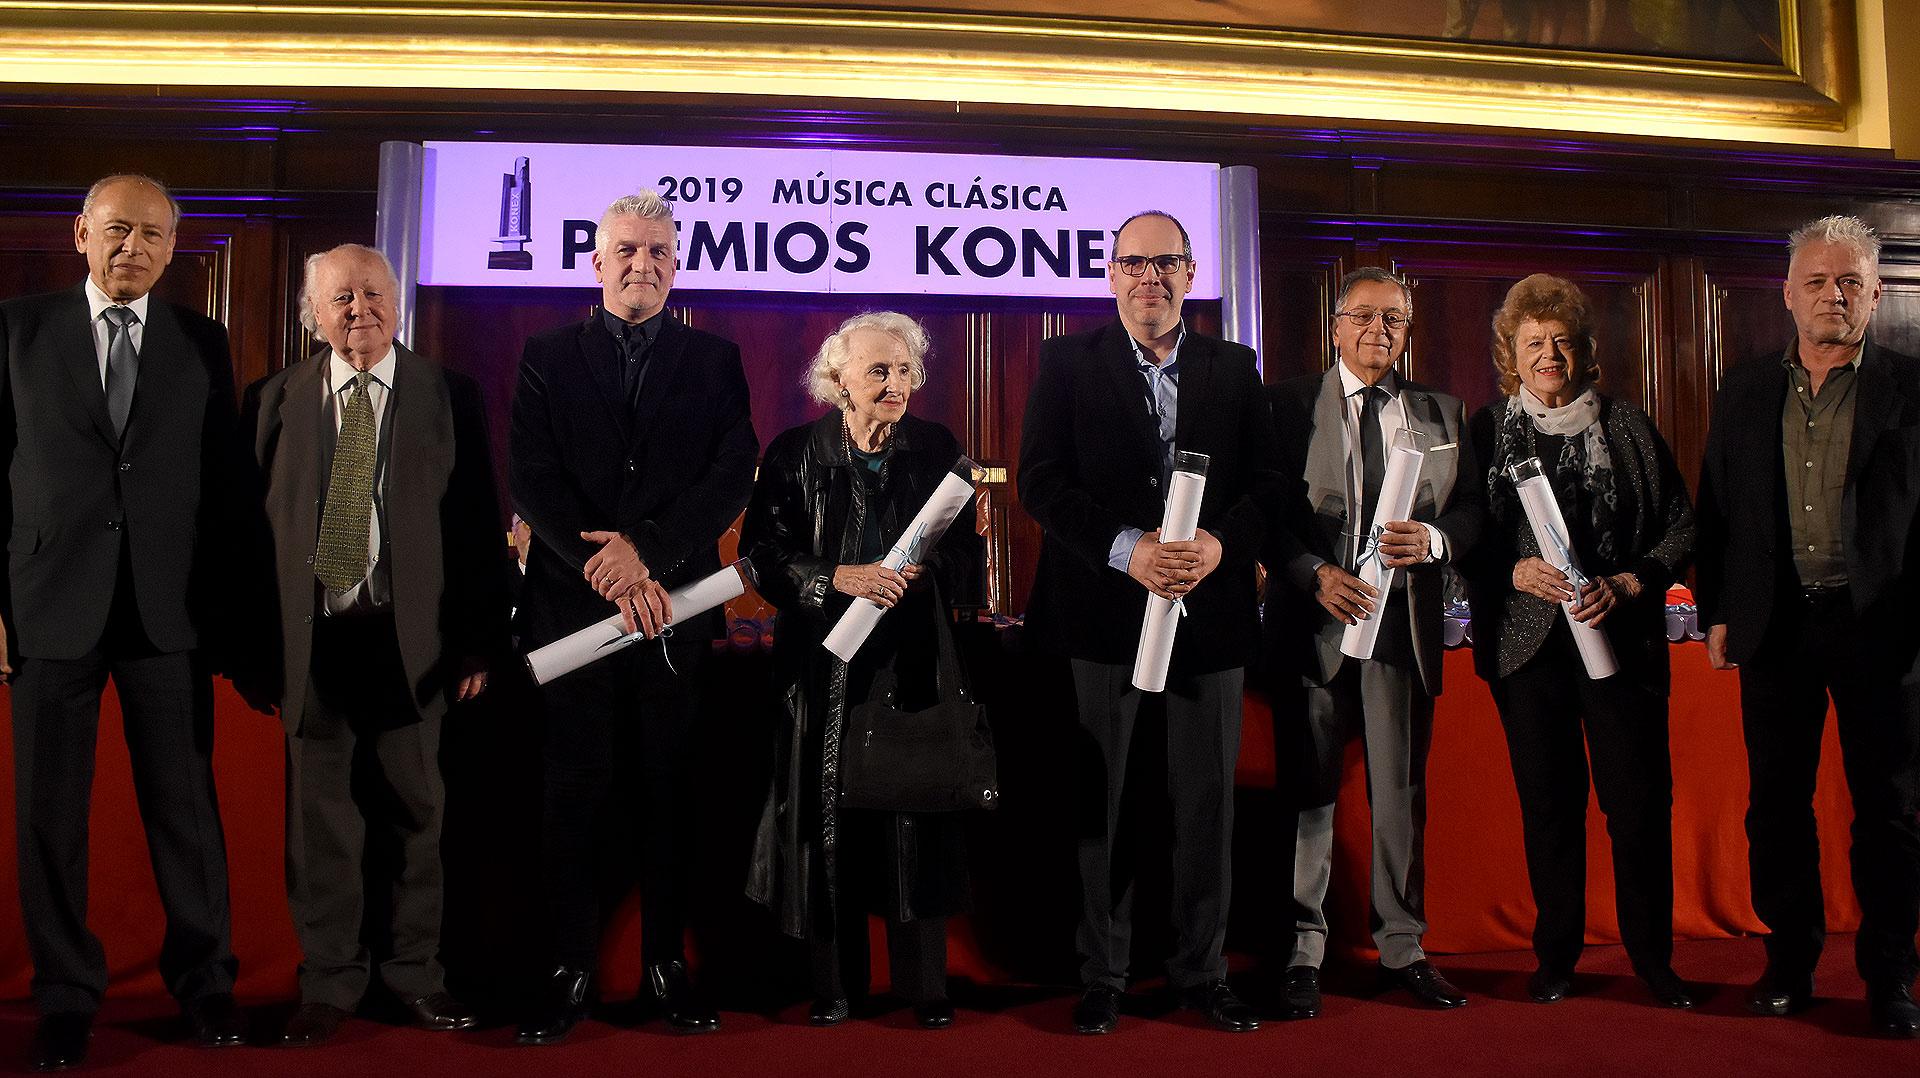 Por el premio compositor, en representación de Esteban Benzecry su madre Ethel, Marcos Franciosi, Dante Grela, Jorge Horst y en representación de Oscar Strasnoy Gisela Timmermann